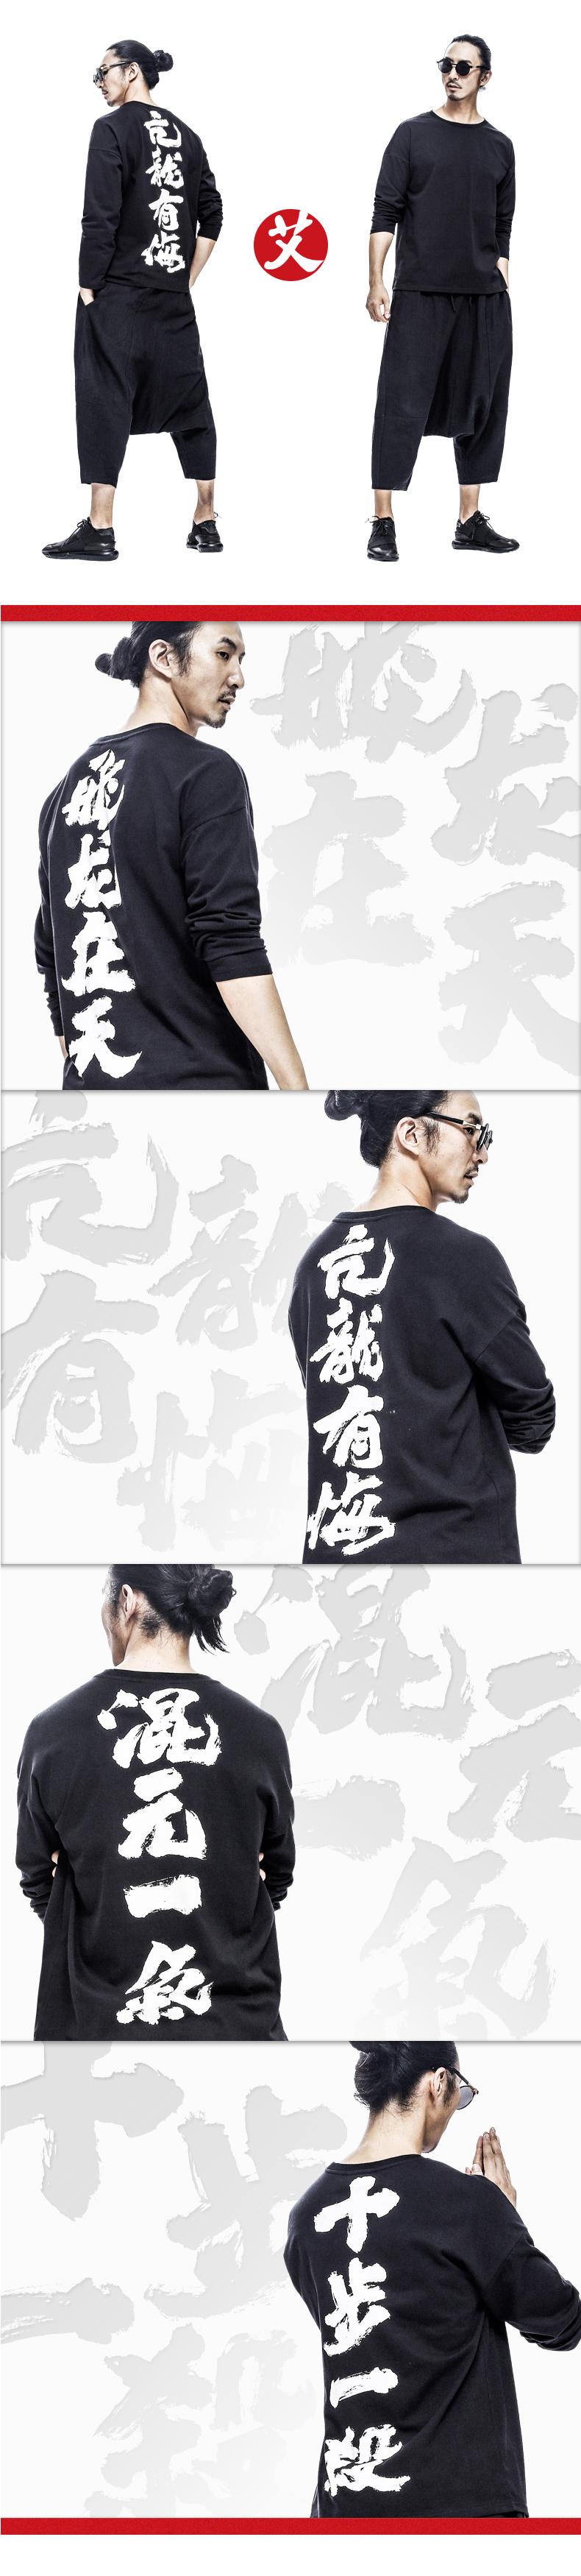 ◆快速出貨◆長袖T恤.班服.MIT台灣製.客製化.純棉長T.飛龍在天.混元一氣.亢龍有悔.十步一殺 【YL0359】中文藝術.艾咪E舖